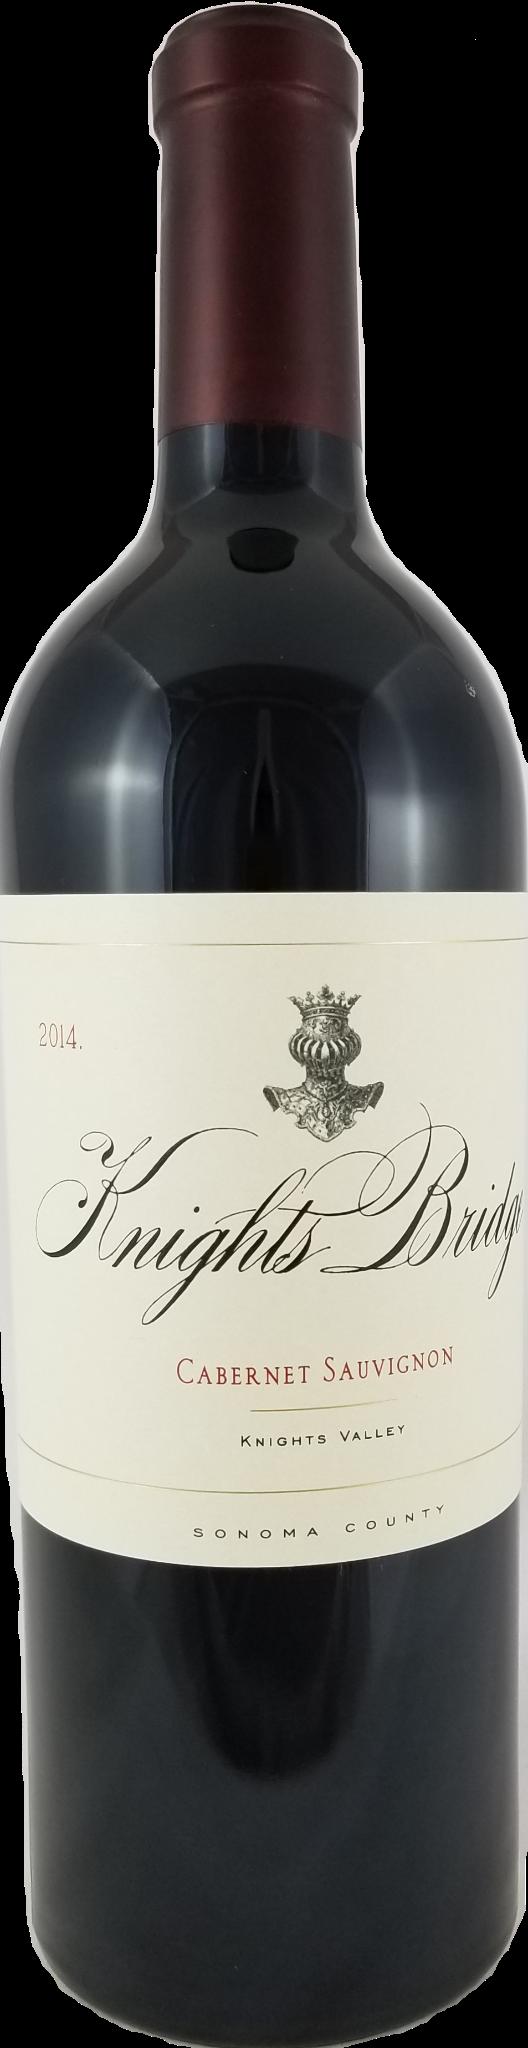 knightbridge-14-cab-bottle1-1-1-1